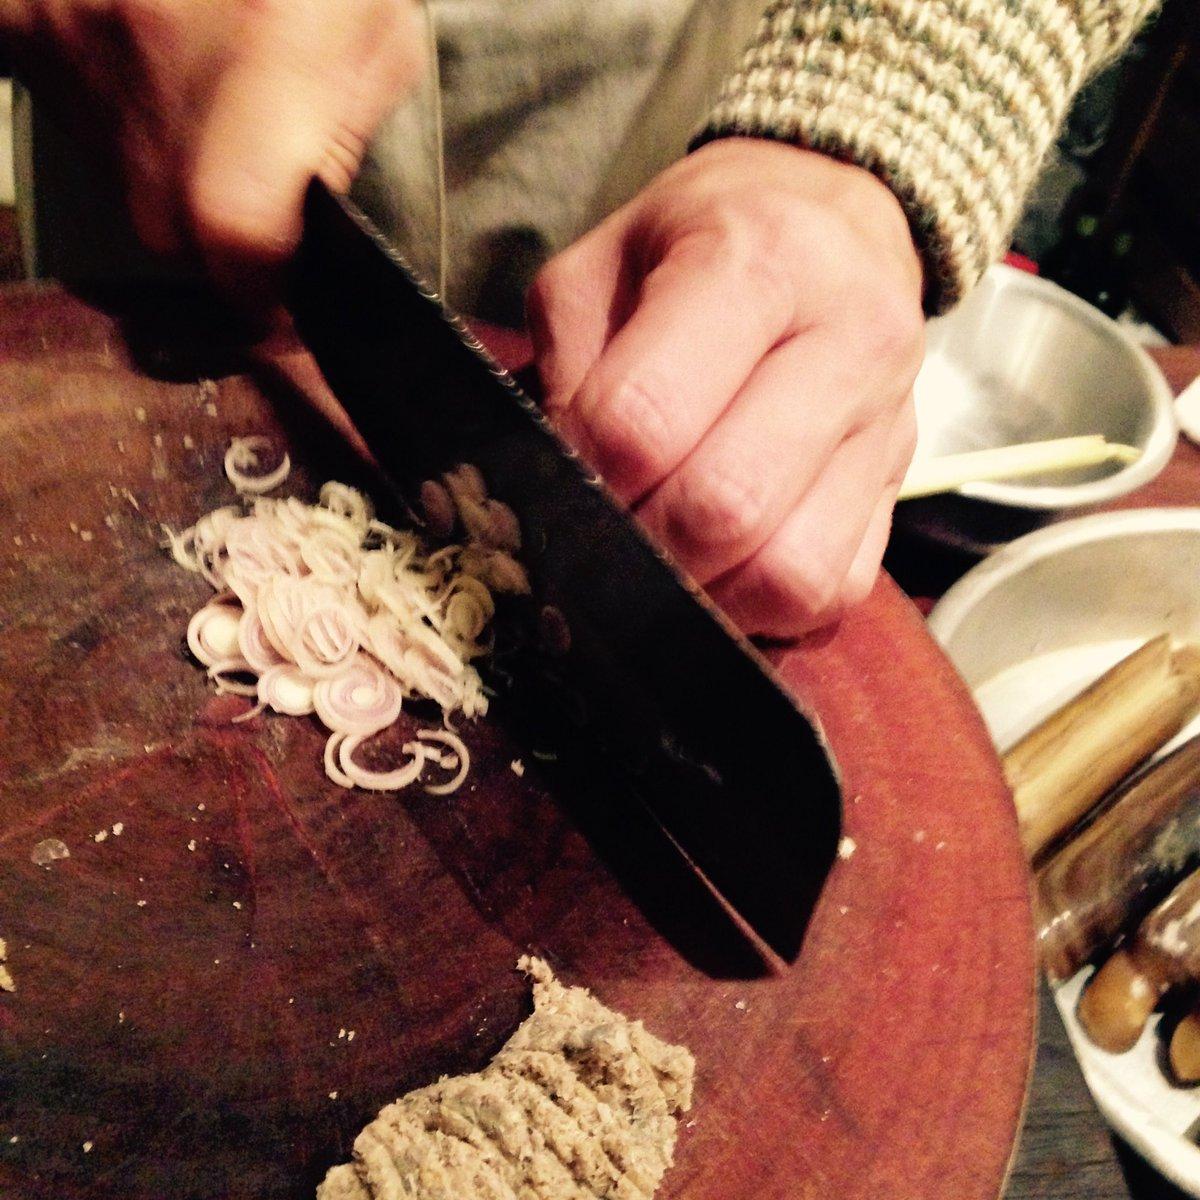 インドシナ料理ユニット「アンドシノワーズ Indochinoise」_e0152073_2095482.jpg